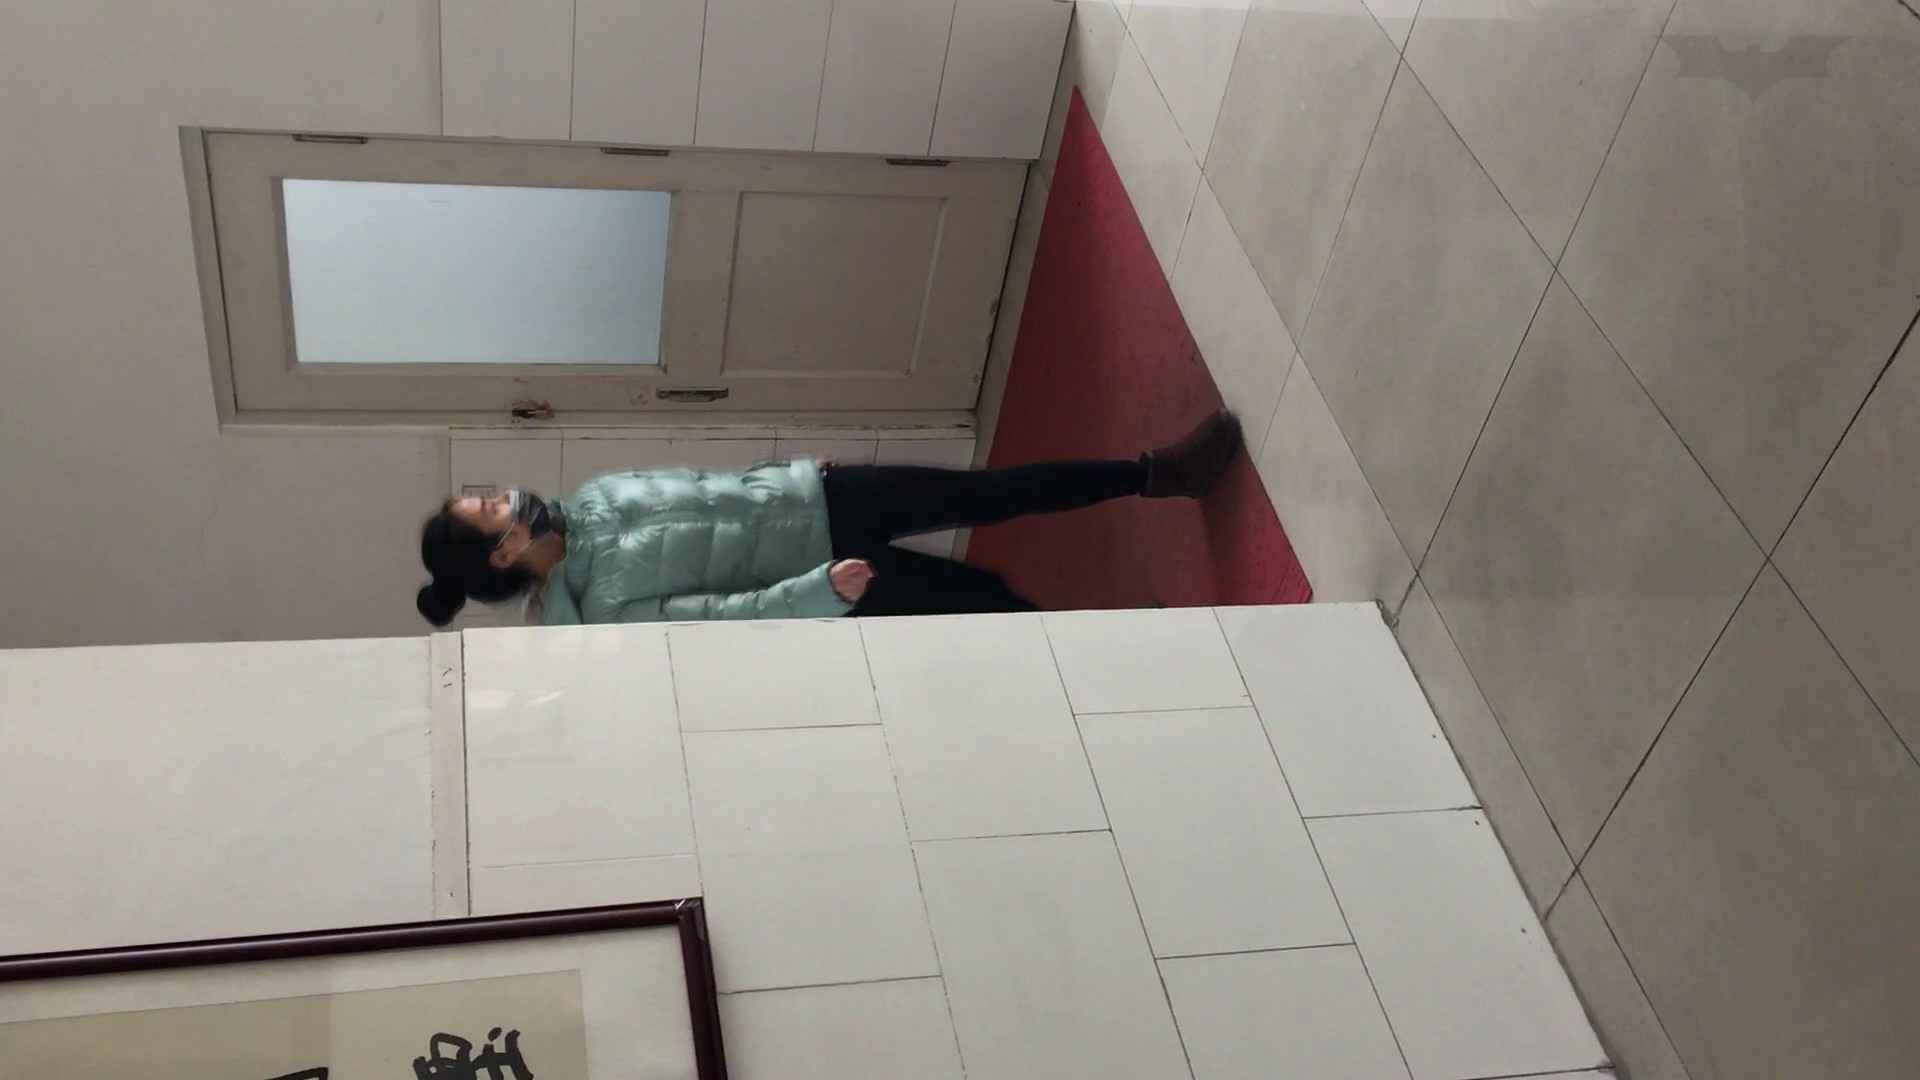 芸術大学ガチ潜入盗撮 JD盗撮 美女の洗面所の秘密 Vol.89 トイレで・・・ AV動画キャプチャ 36画像 35